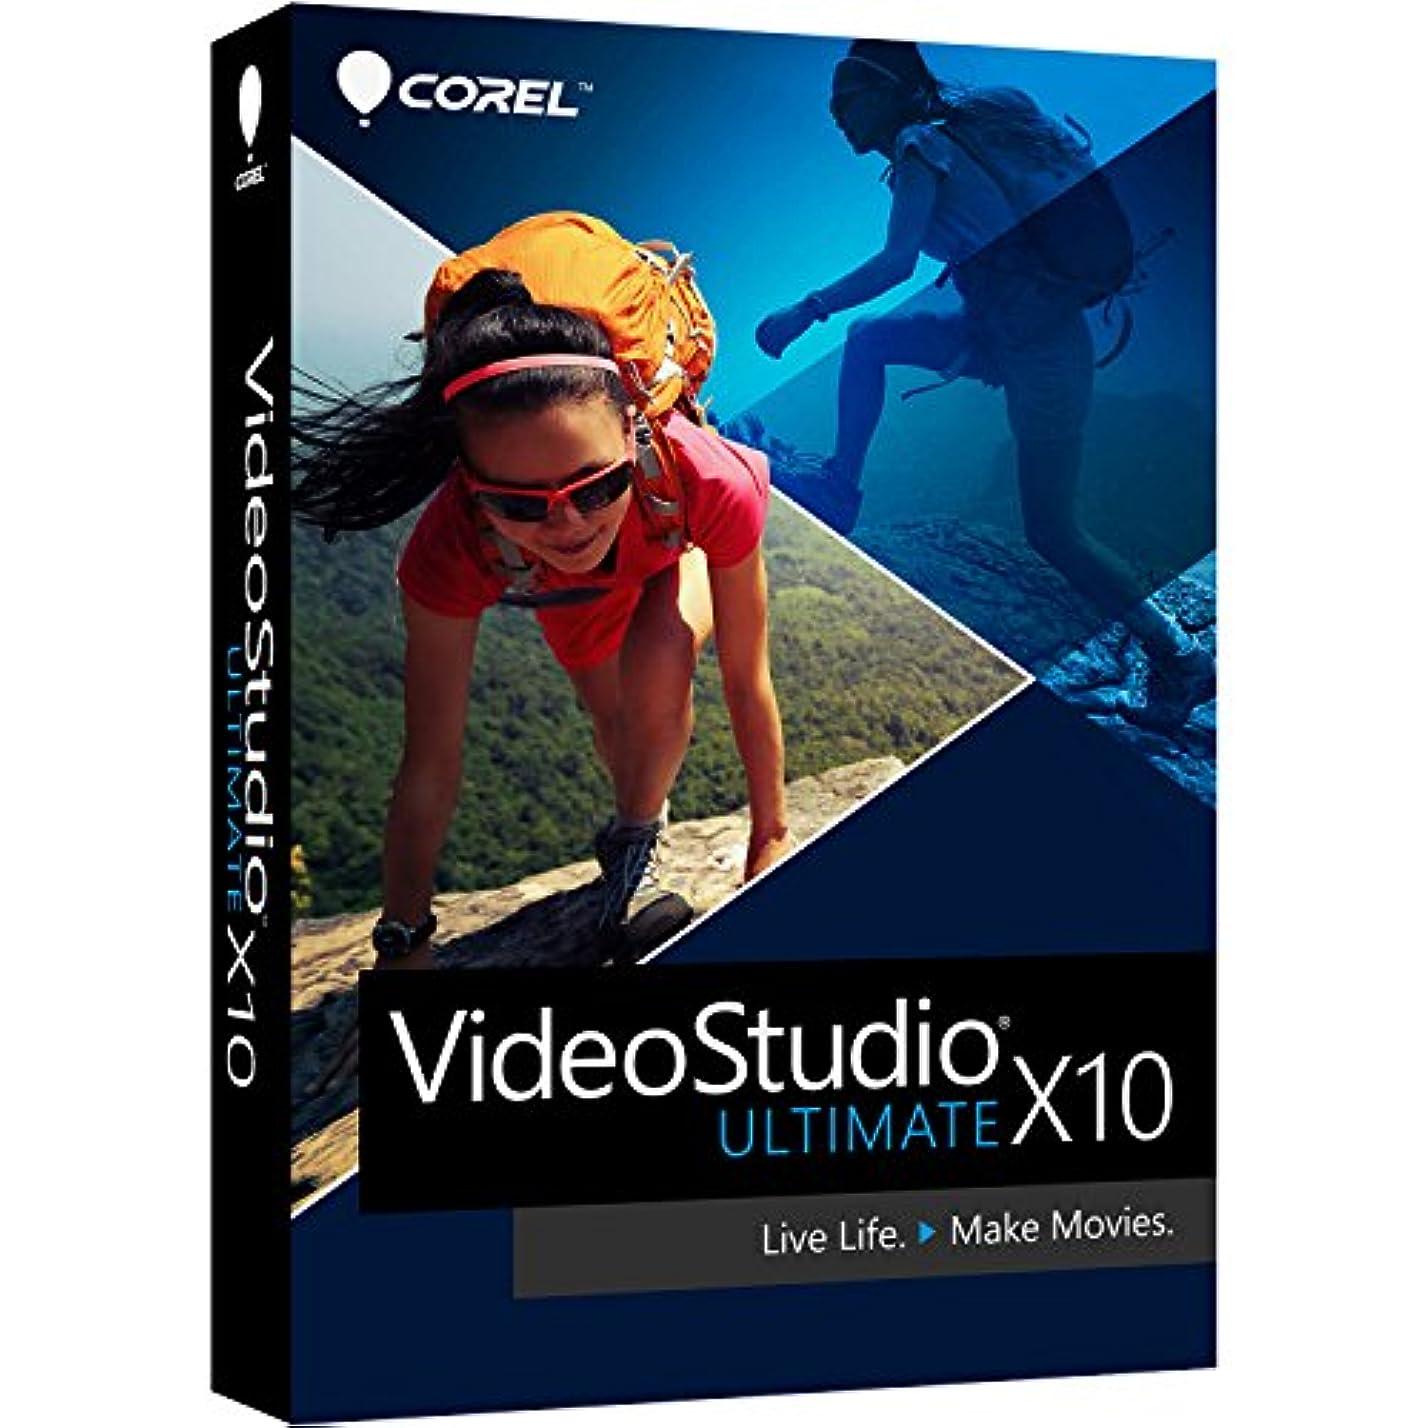 テレビを見る動かない灌漑コーレル ビデオスタジオ アルティメットX10 Corel VideoStudio Ultimate X10 [並行輸入品]